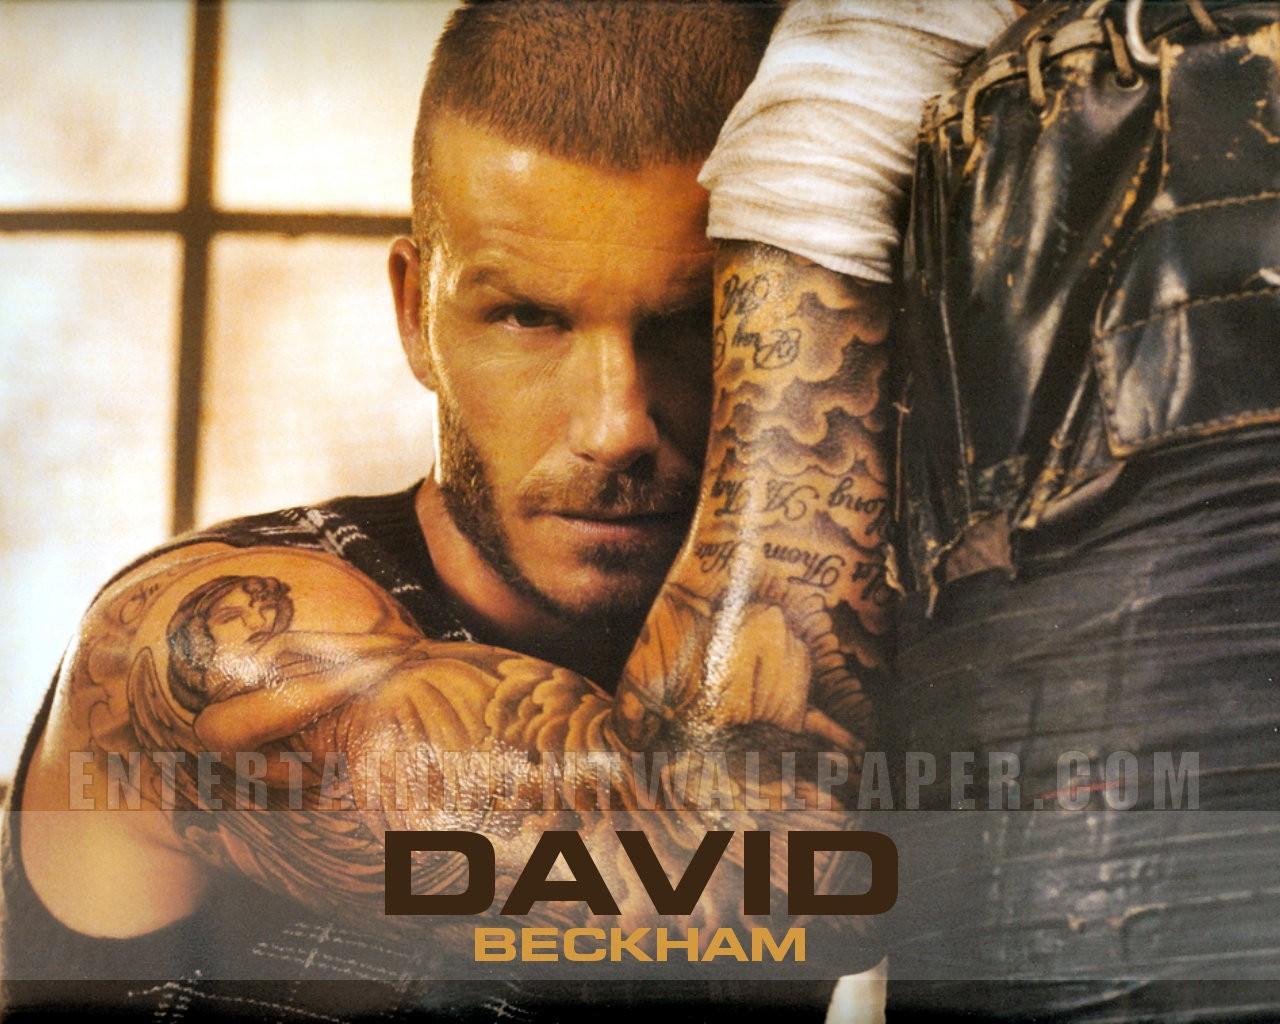 http://1.bp.blogspot.com/-gYxz3jXBOzg/T73s4fk8ZTI/AAAAAAAAB3g/LBlqpzYo6vQ/s1600/david-beckham-tattoo-2012-wallpaper.jpg